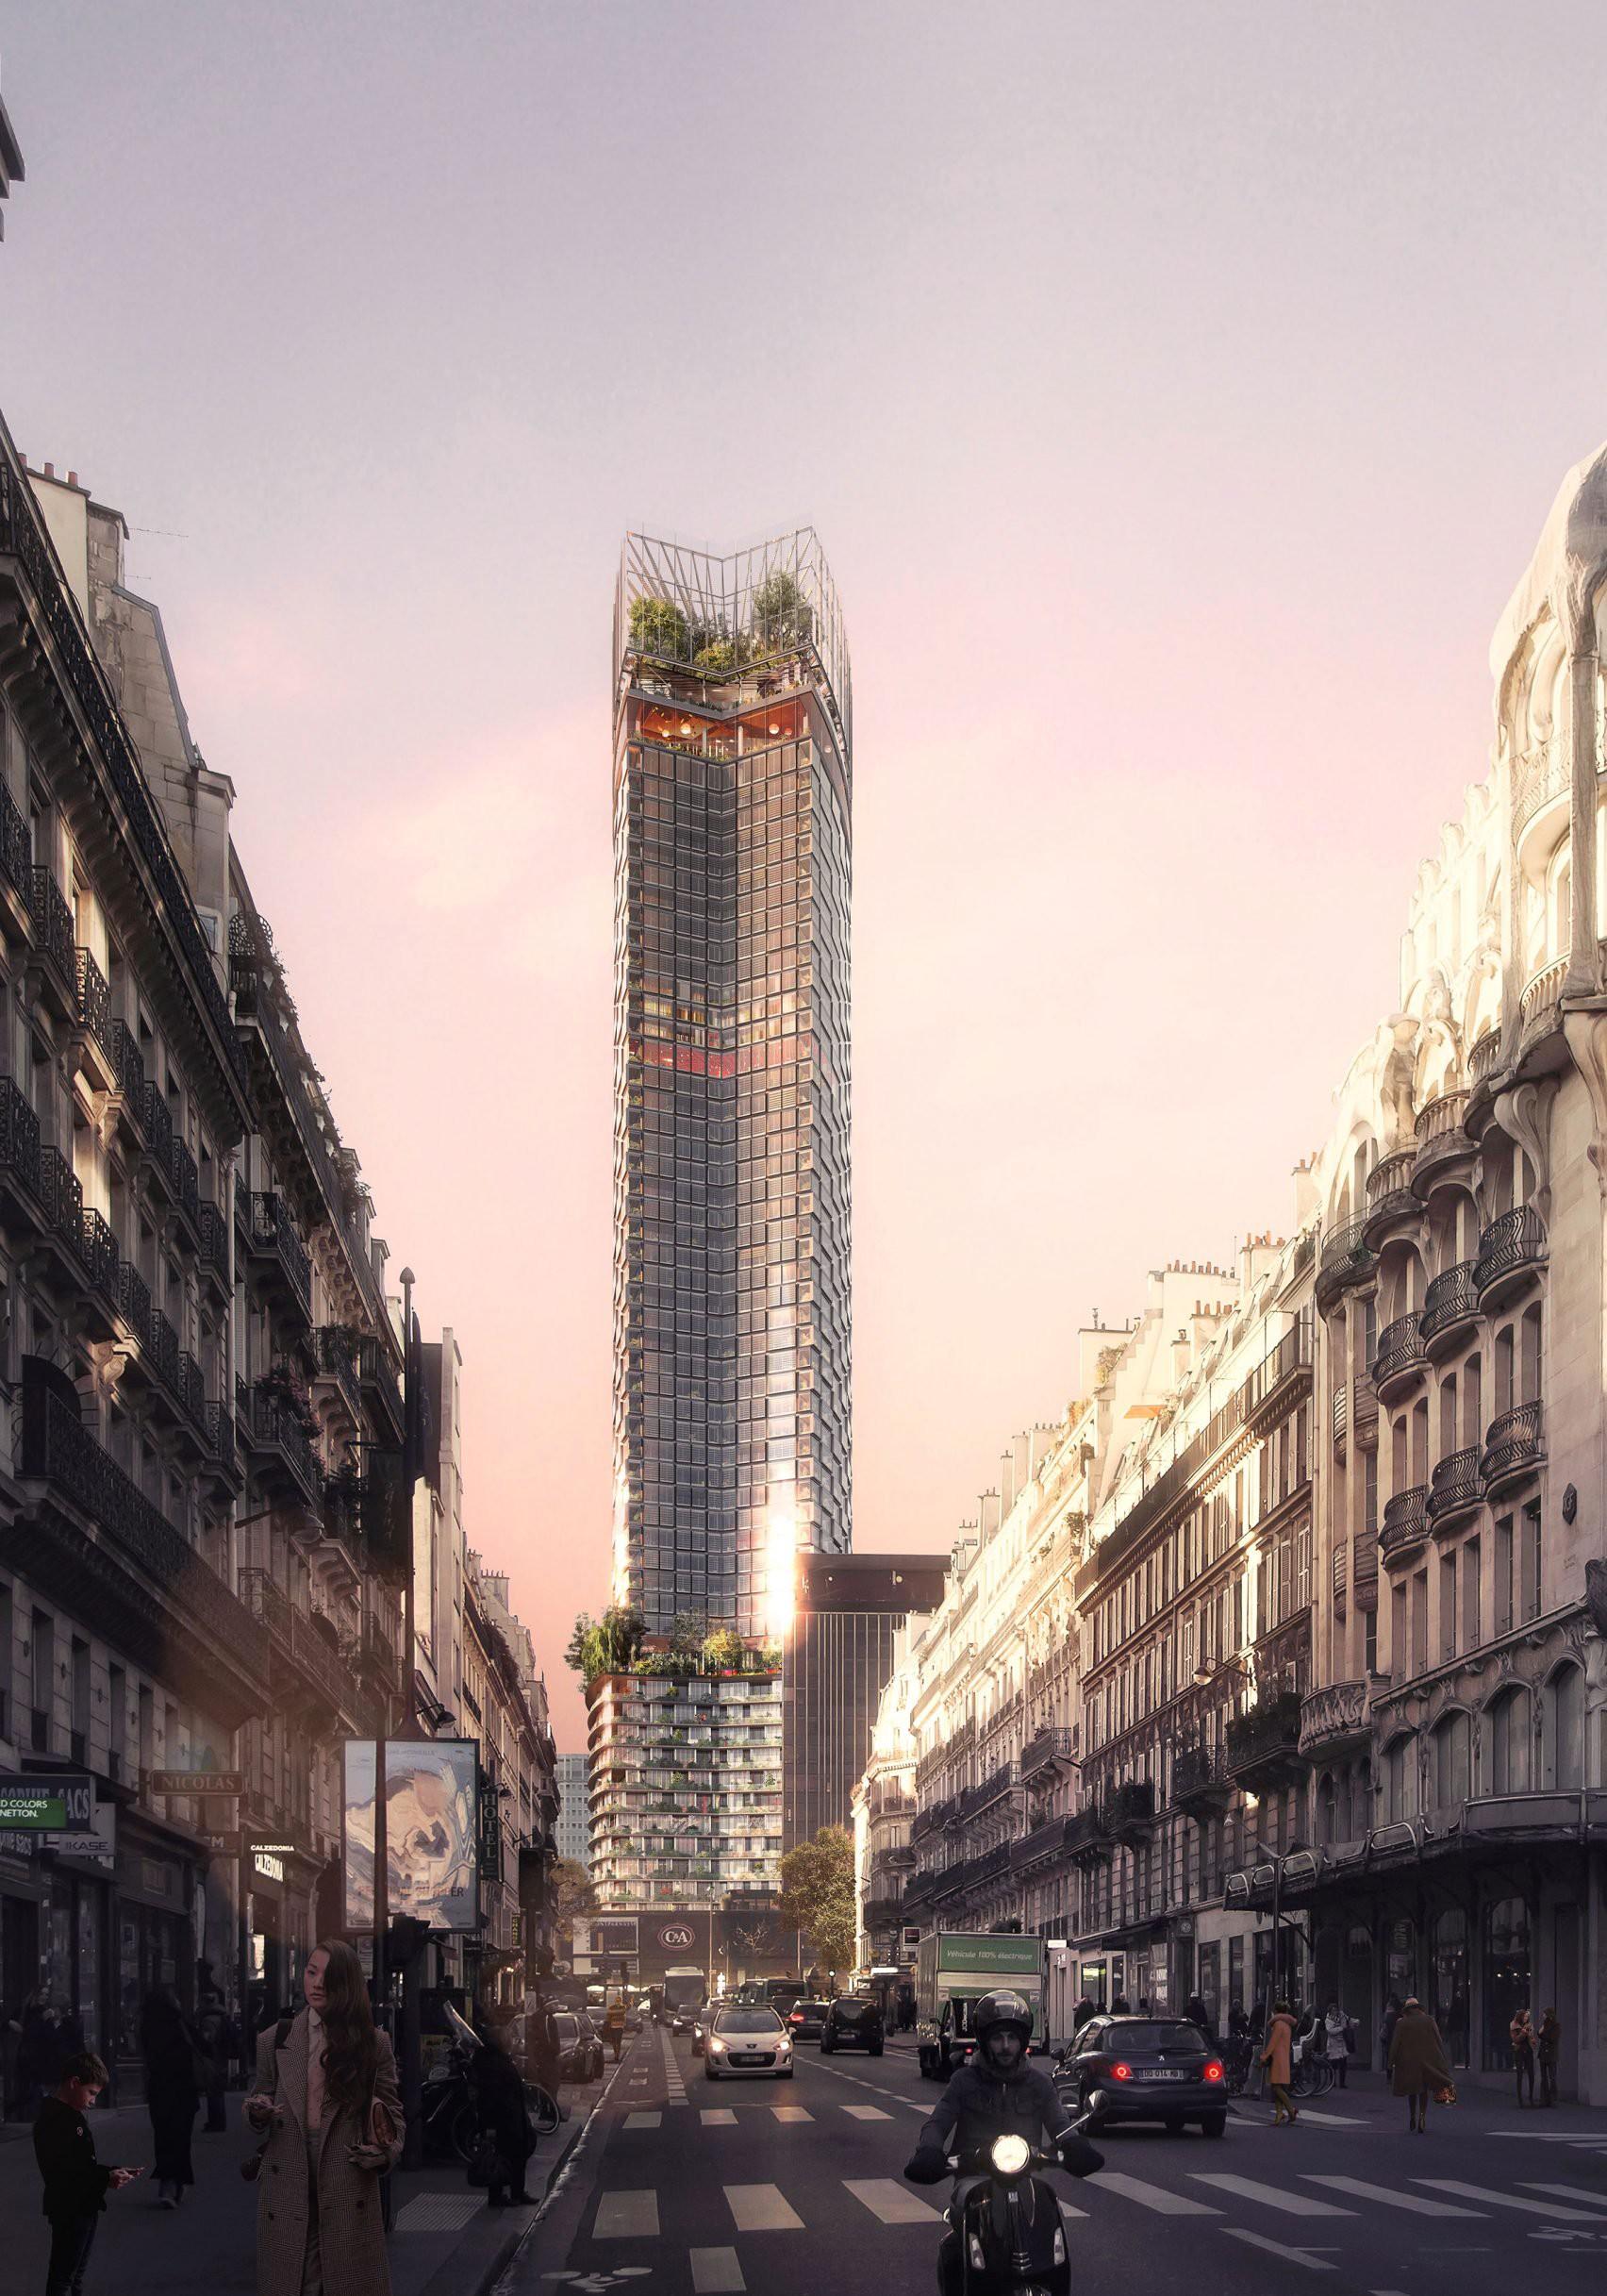 tourmontparnasse_rendering-full2_%28c%29nouvelle__aom.jpg